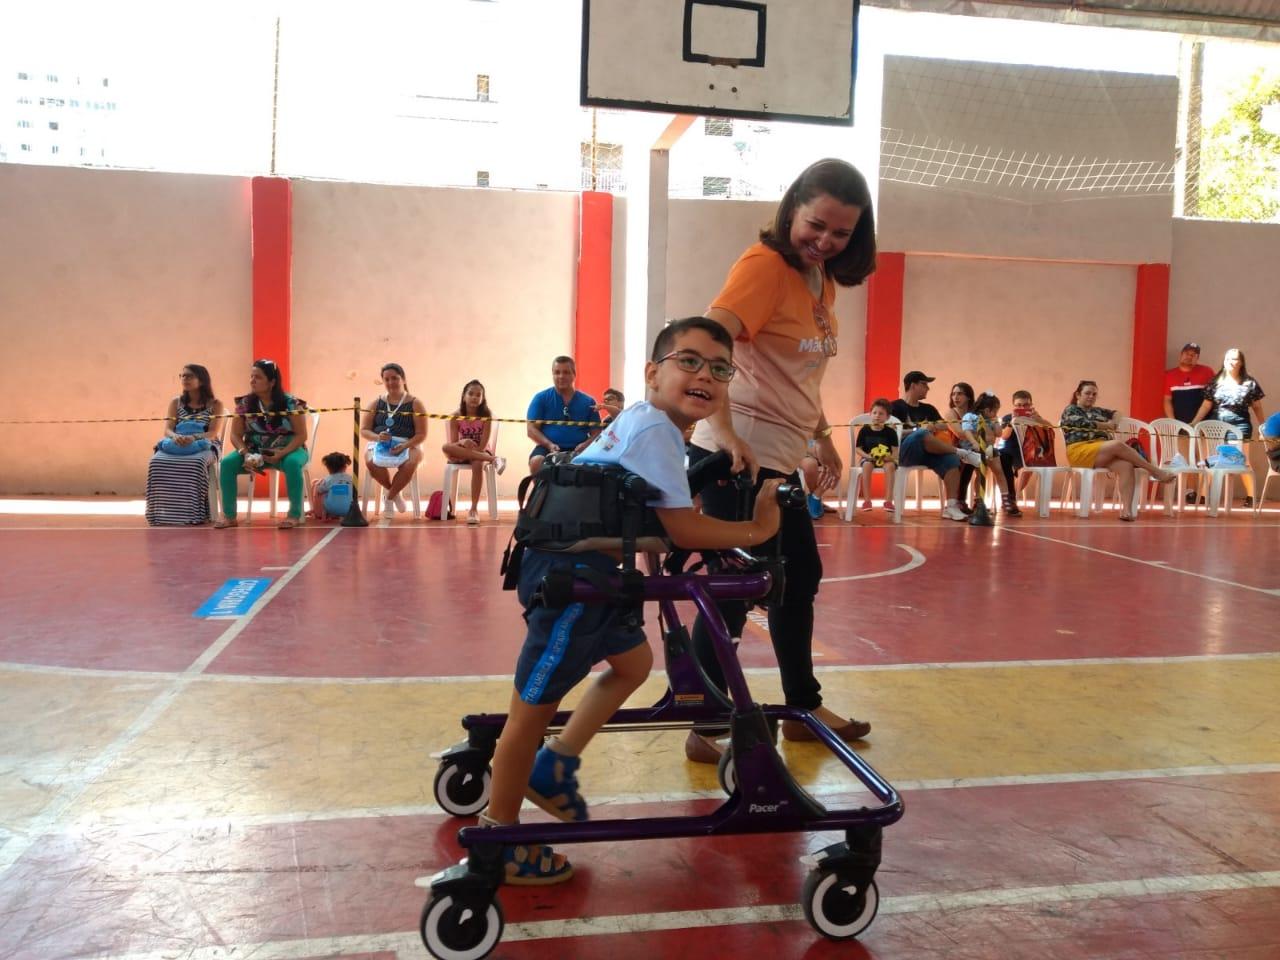 A proposta da iniciativa vai além da atividade física (FOTO: Divulgação)